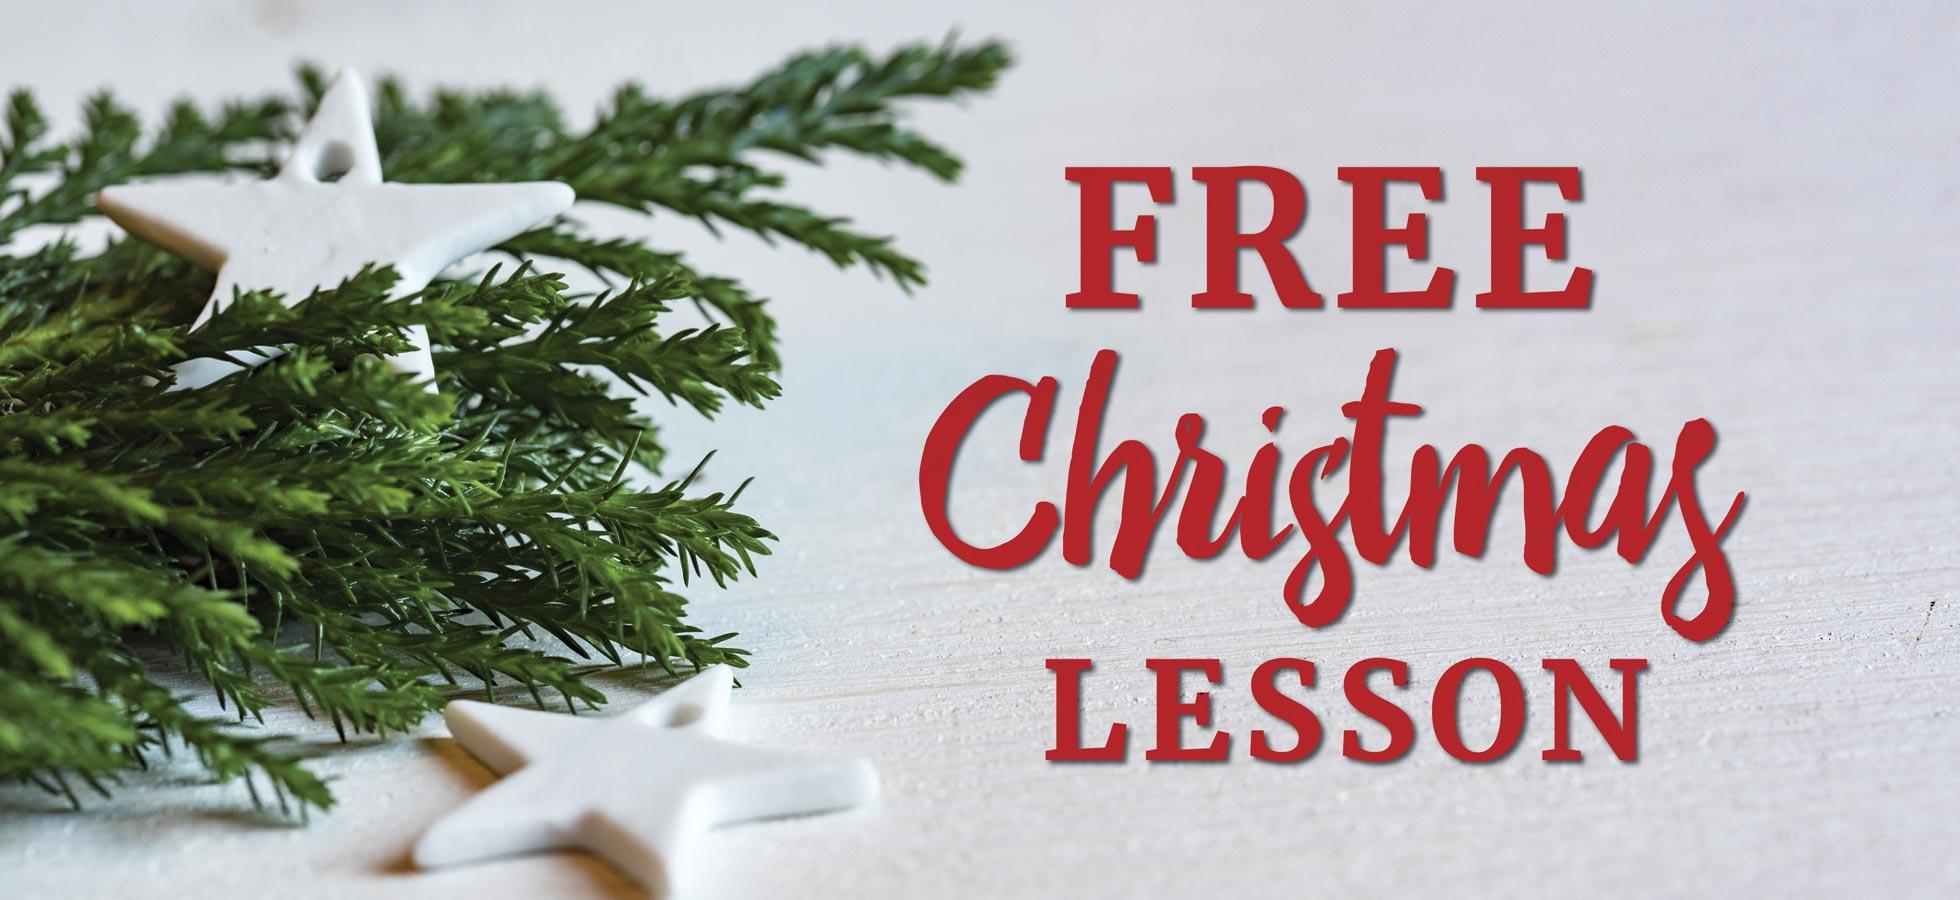 free-christmas-lesson.jpg